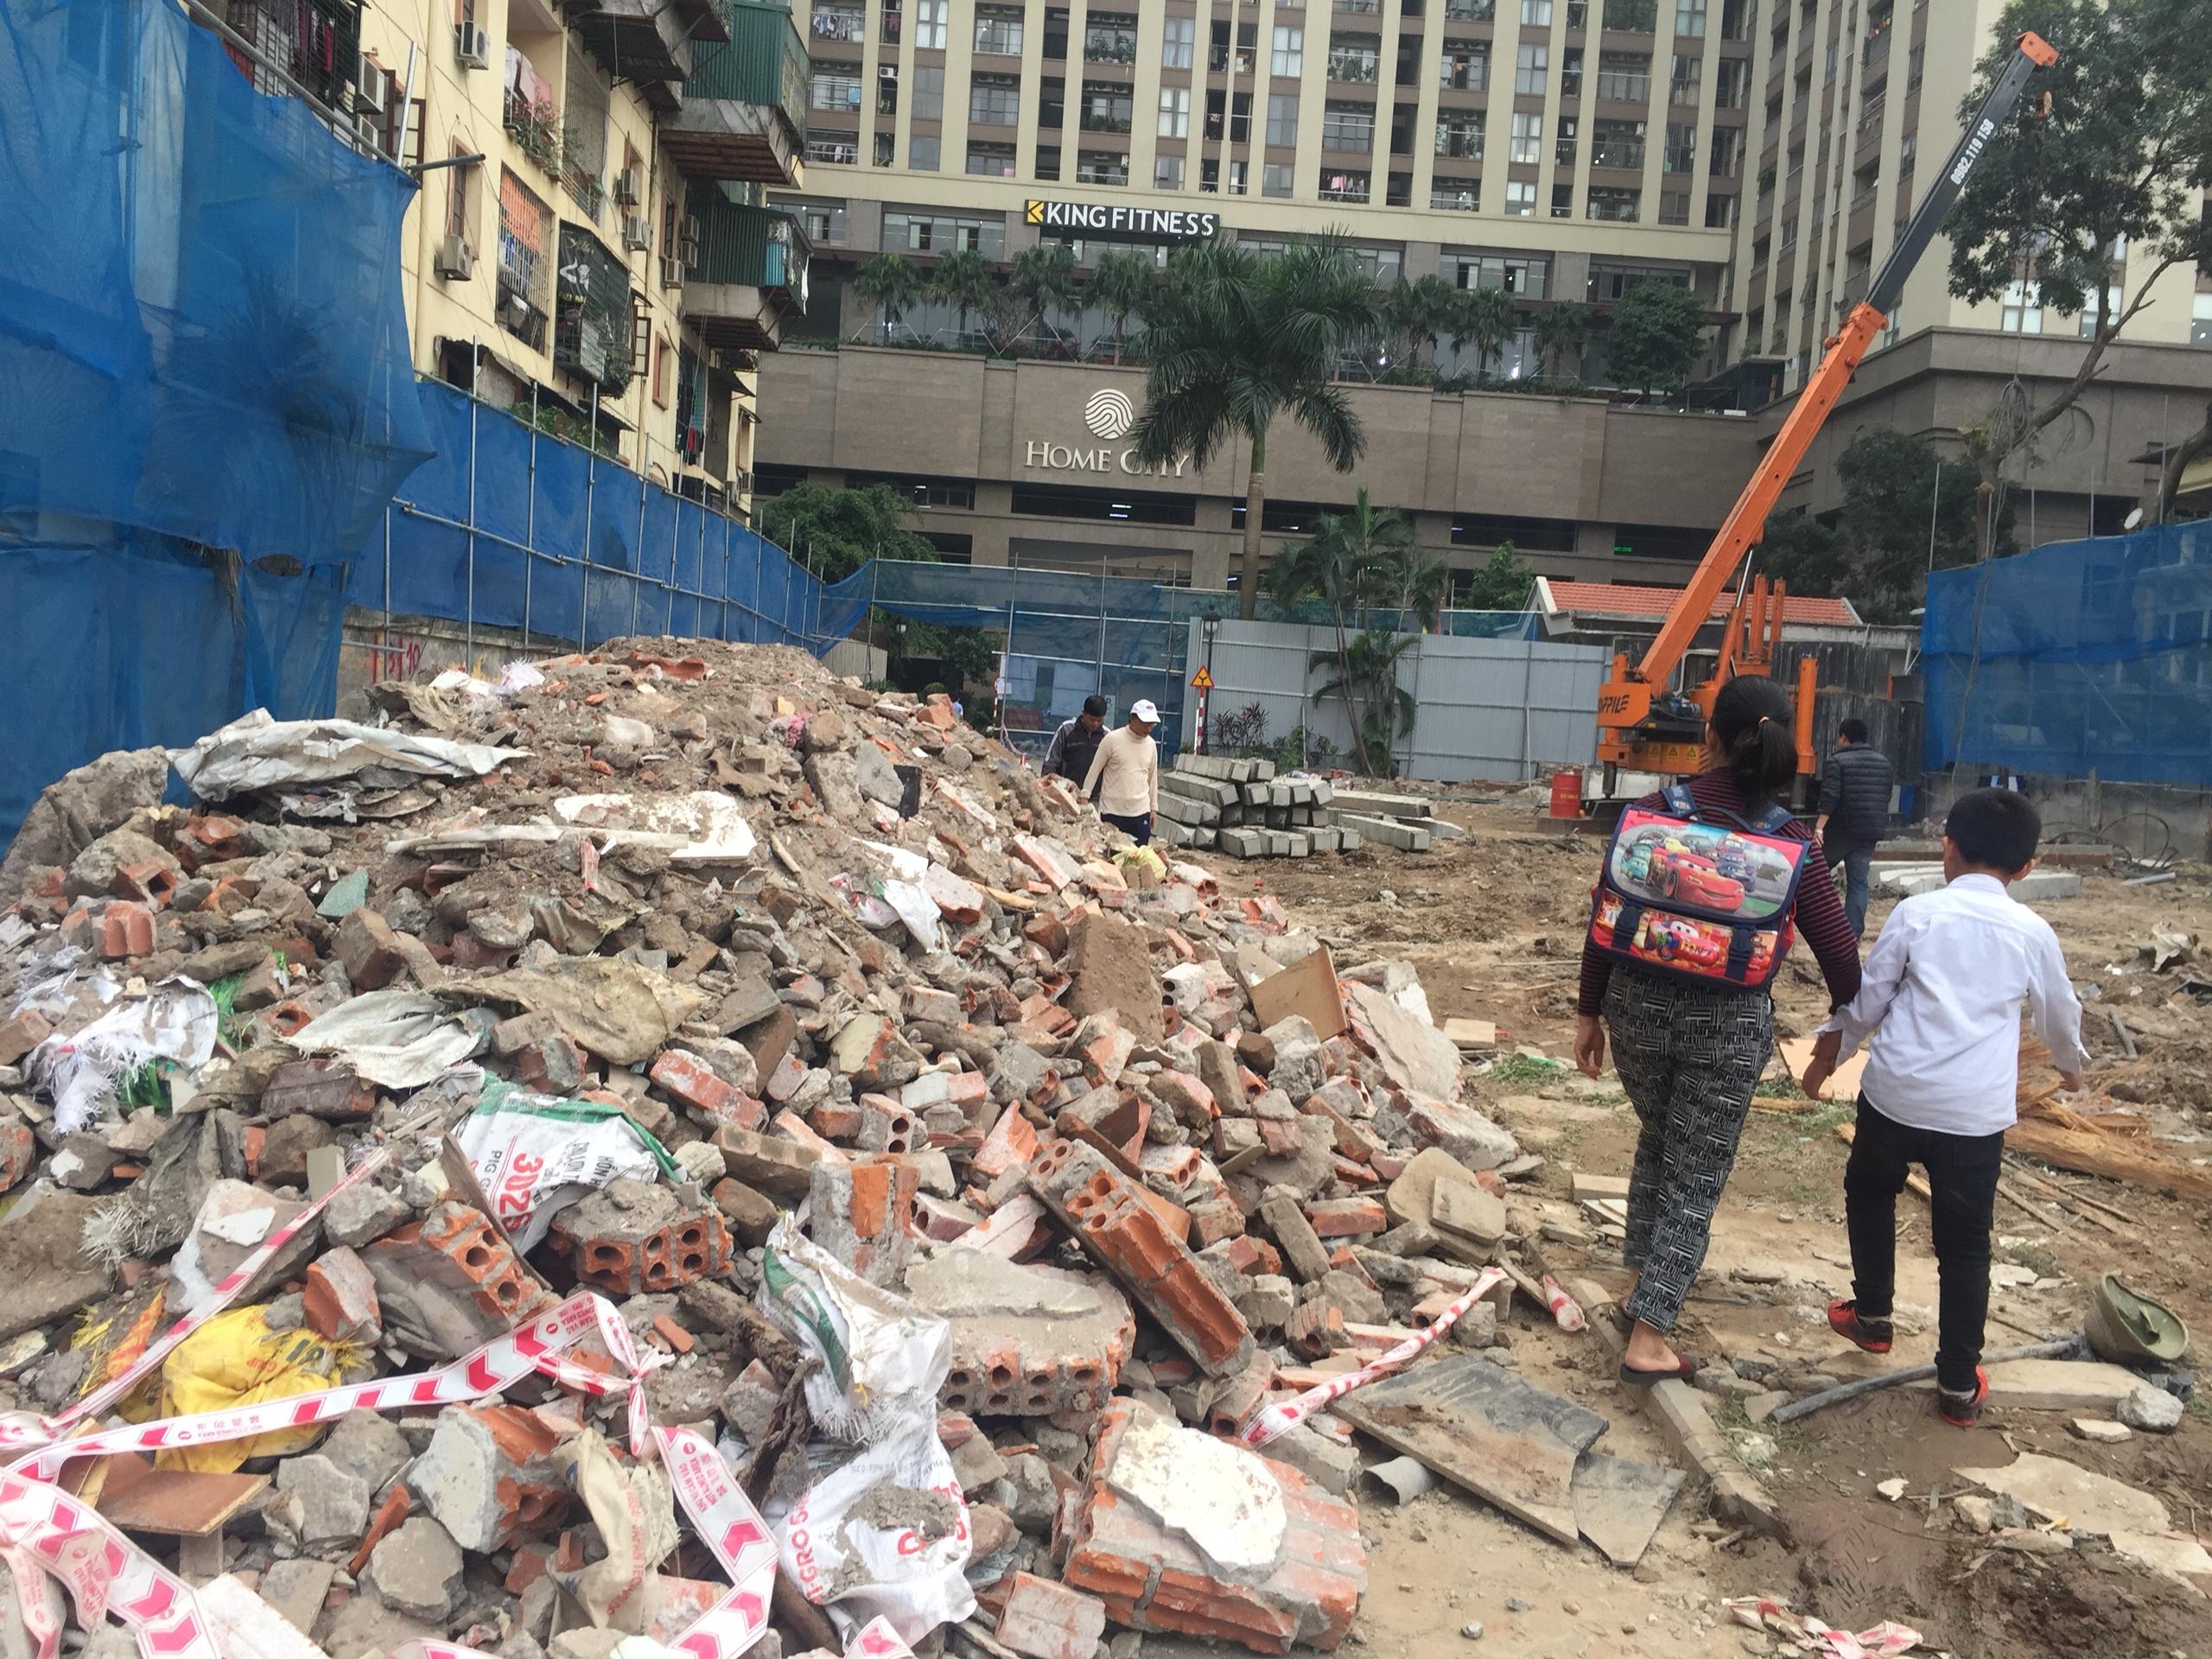 Vụ cư dân Home City 177 Trung Kính bất ngờ bị bịt lối đi: Không ai đổ trộm phế liệu?